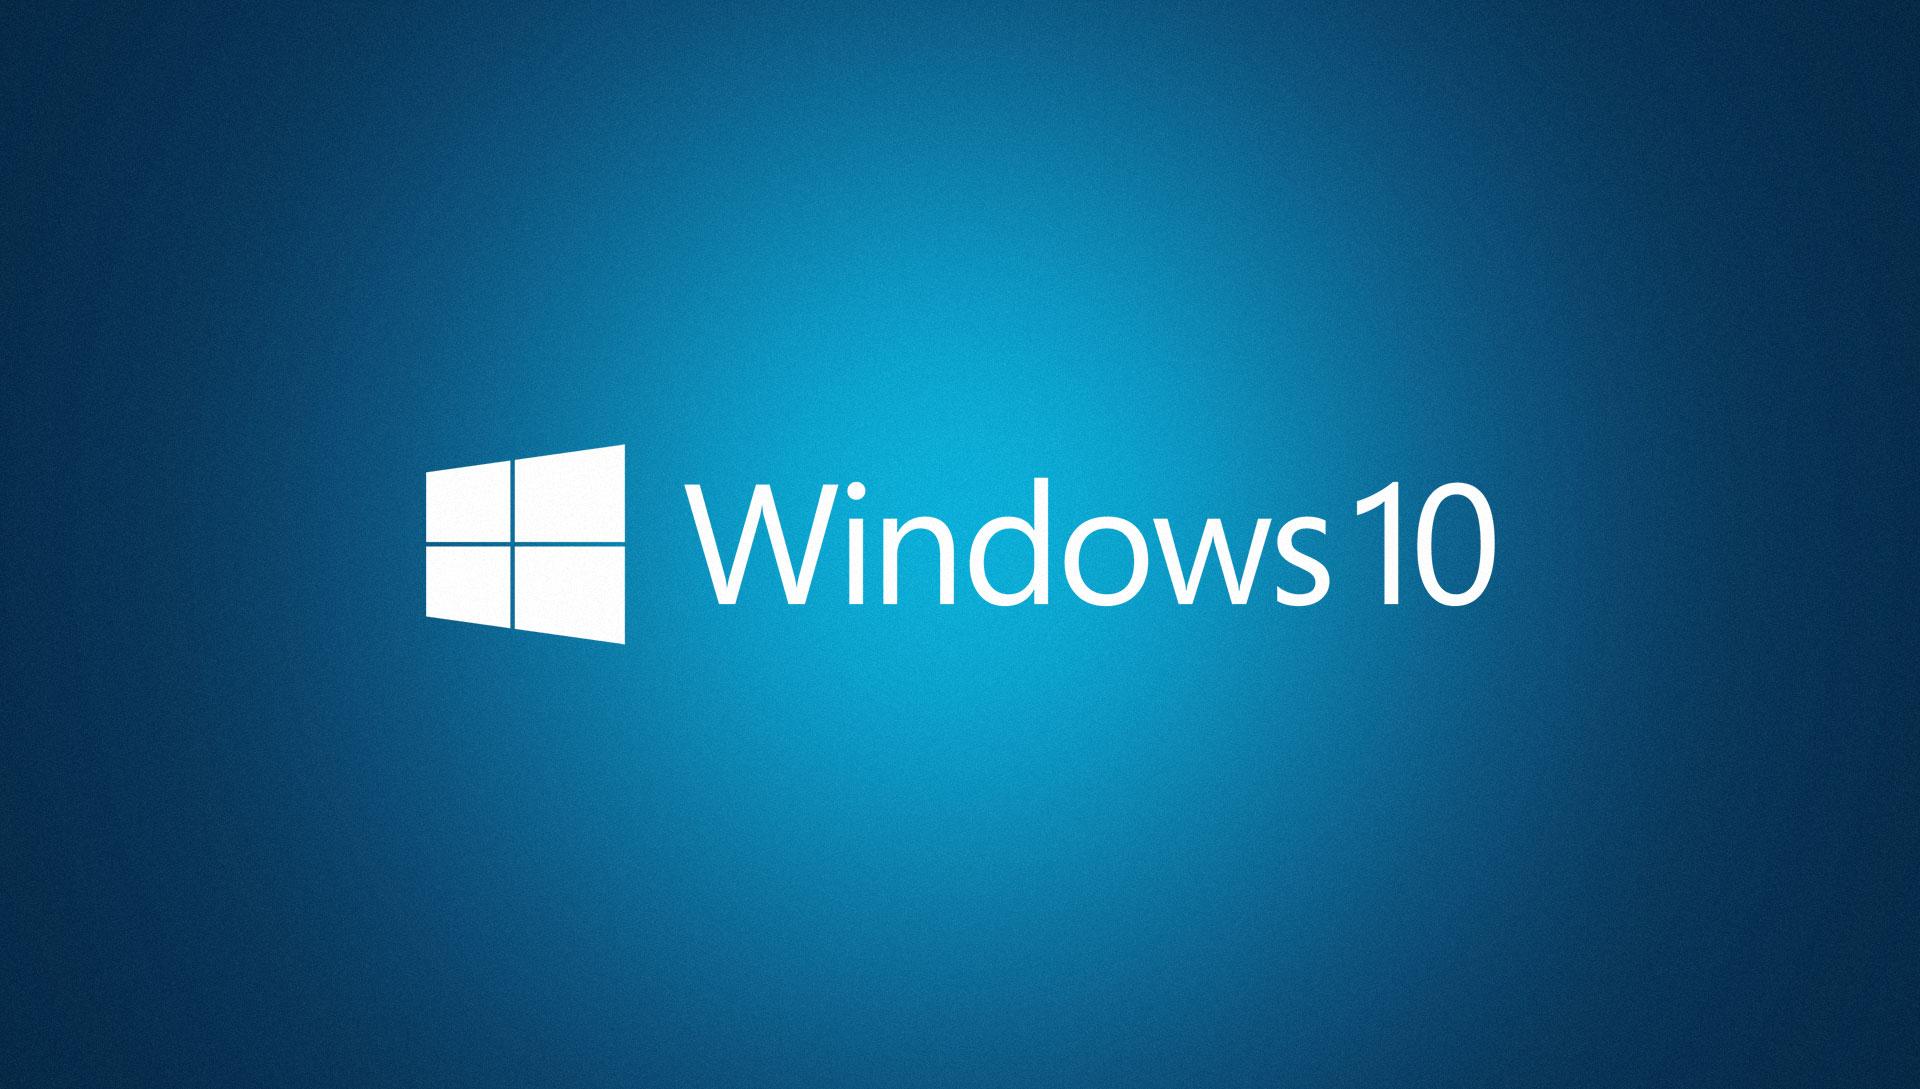 Компания Microsoft опубликовала руководство по усилению защиты Windows 10